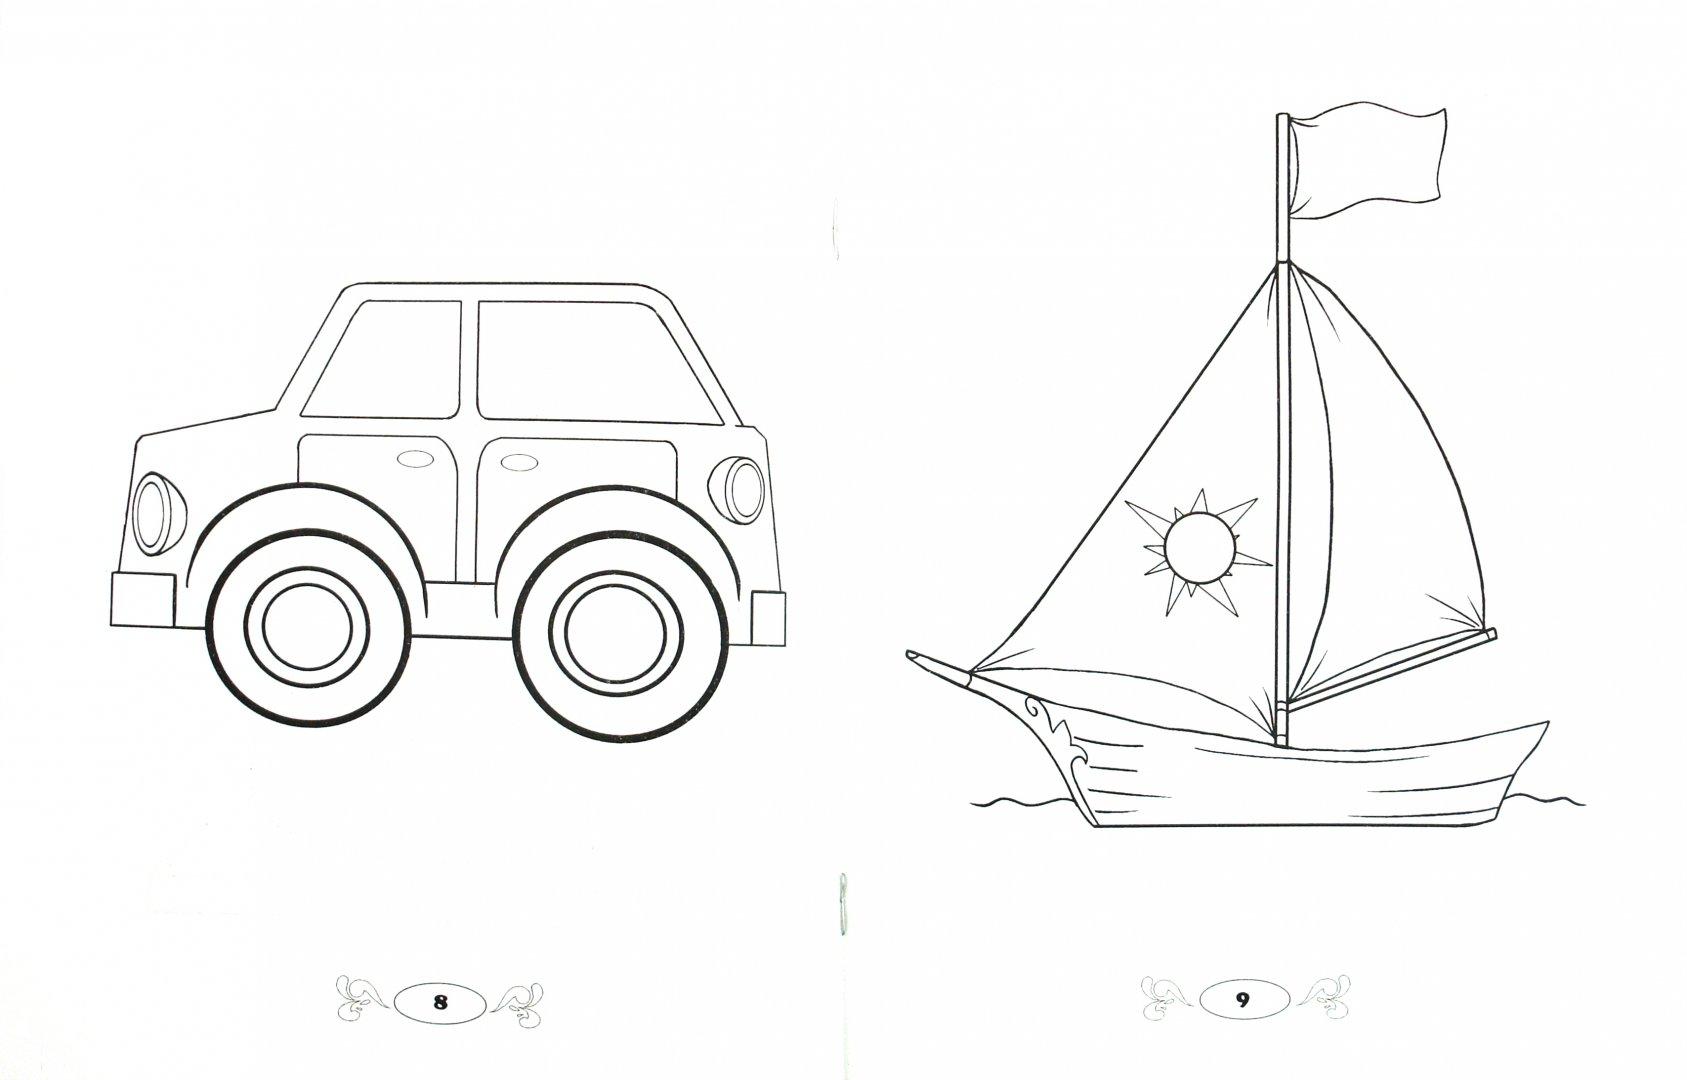 Иллюстрация 1 из 12 для Мои любимые игрушки: раскраска | Лабиринт - книги. Источник: Лабиринт